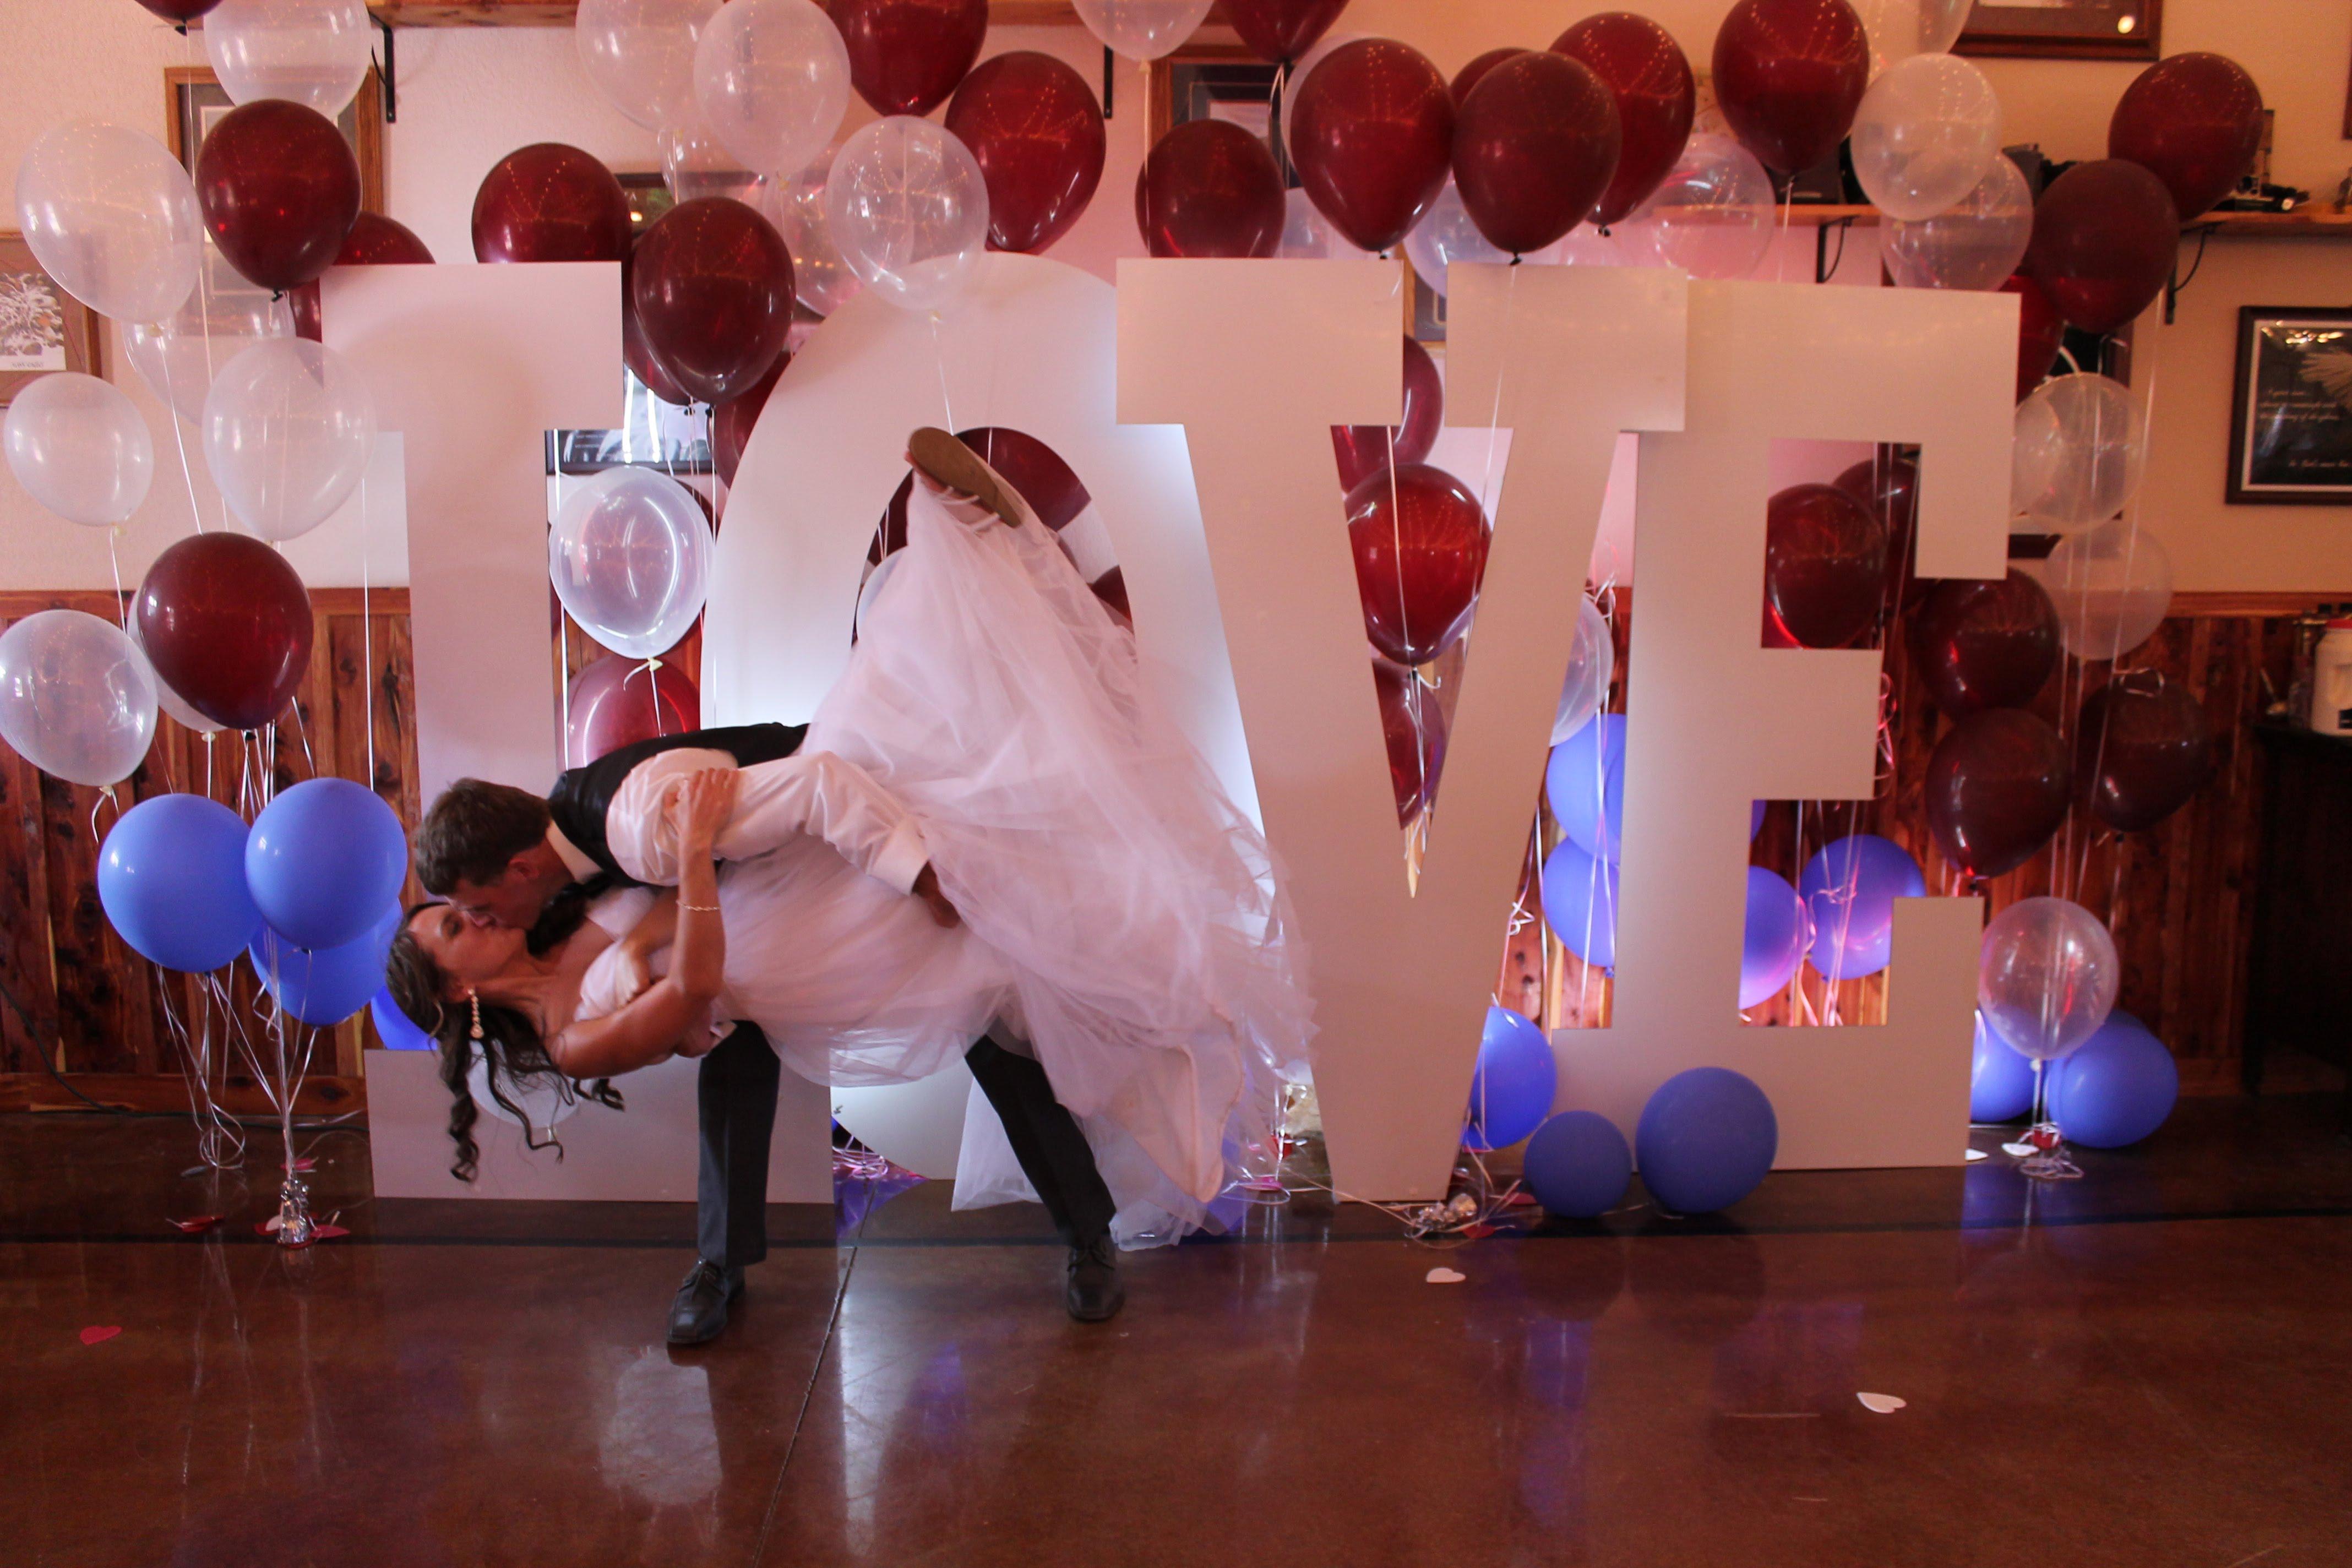 Wedding Decor giant letter LOVE